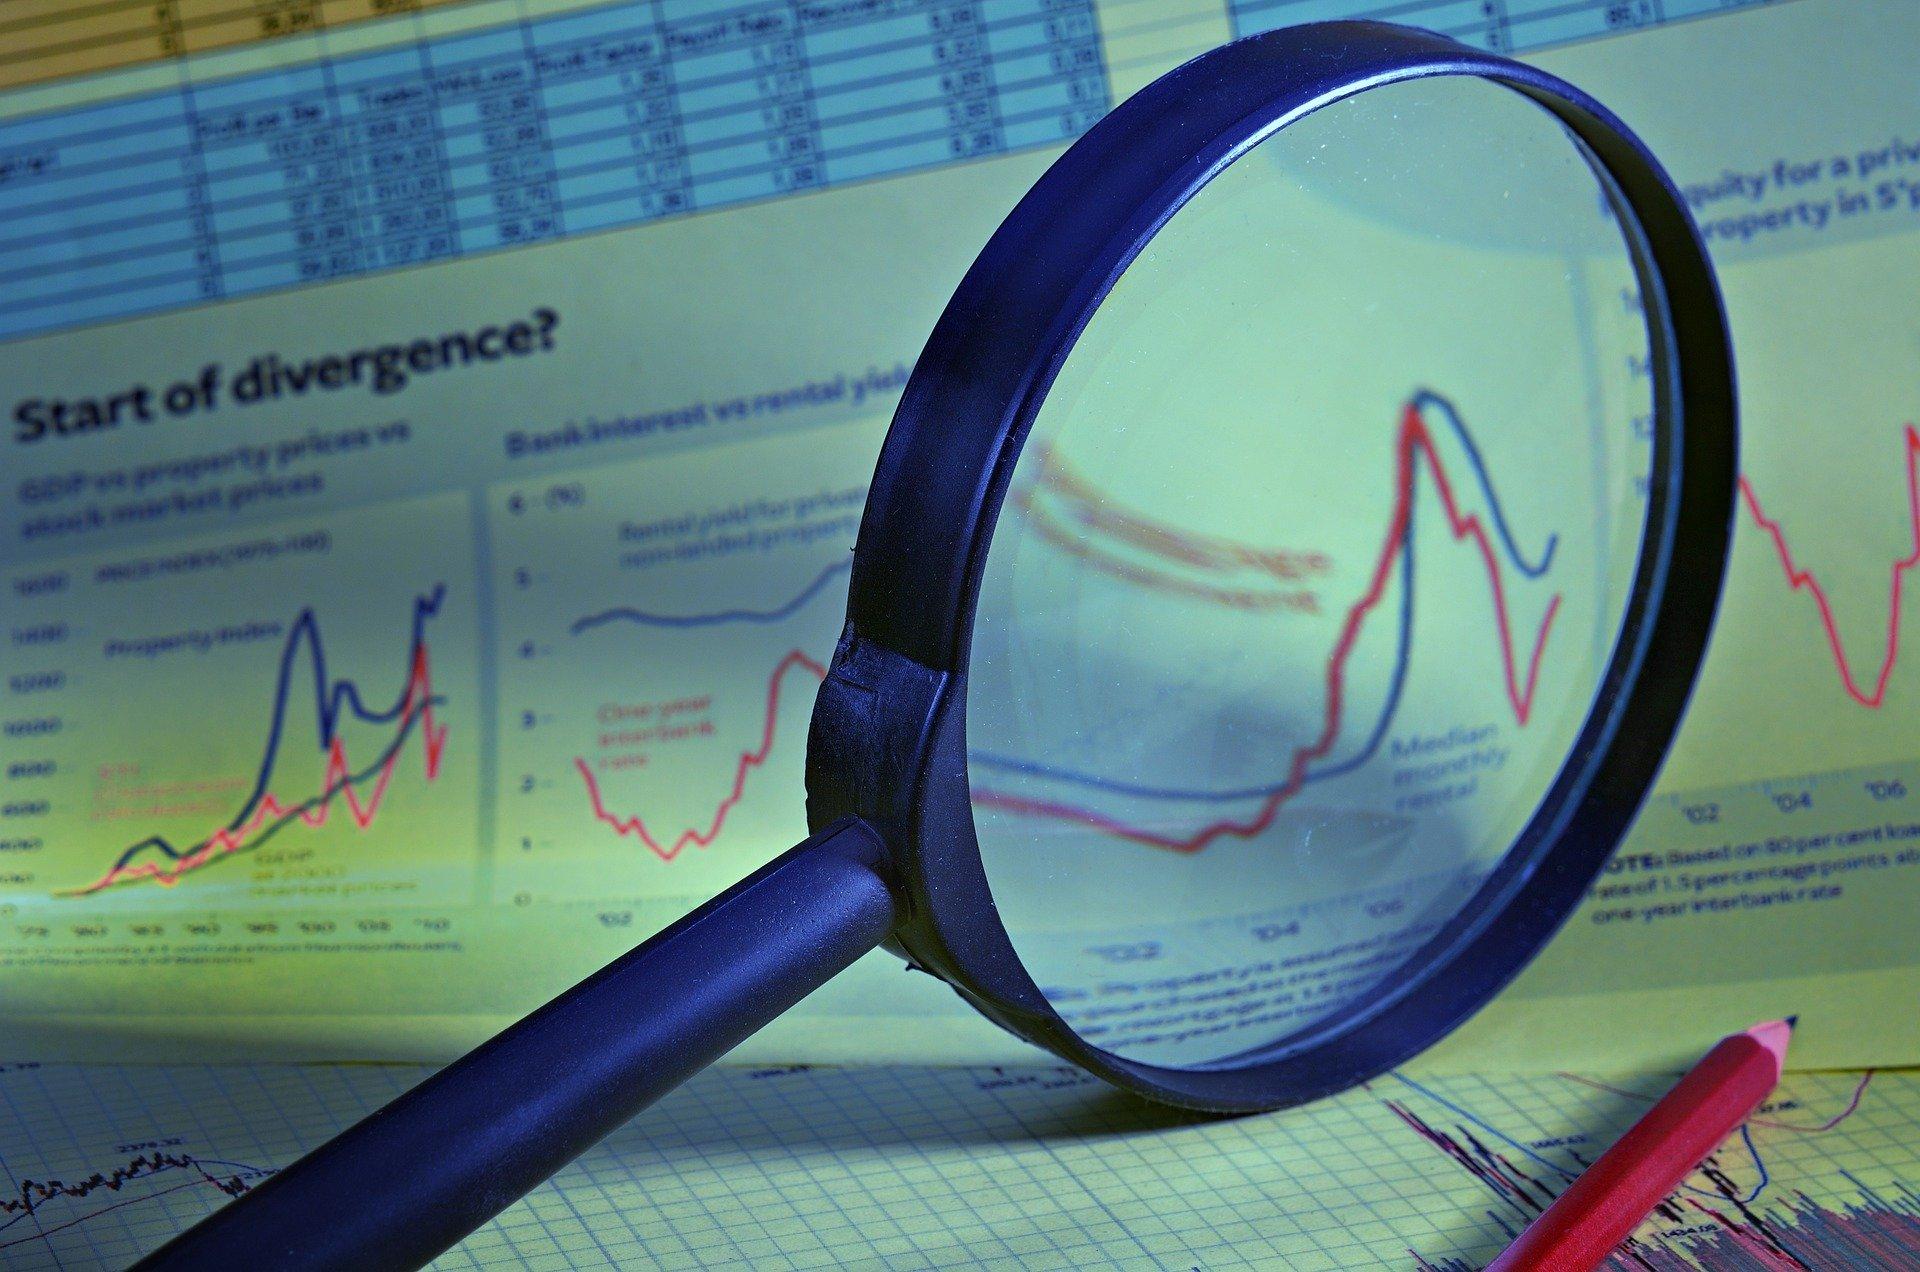 Mercato: lunghi contrastati – Rottame stabile, richieste di aumento per i piani